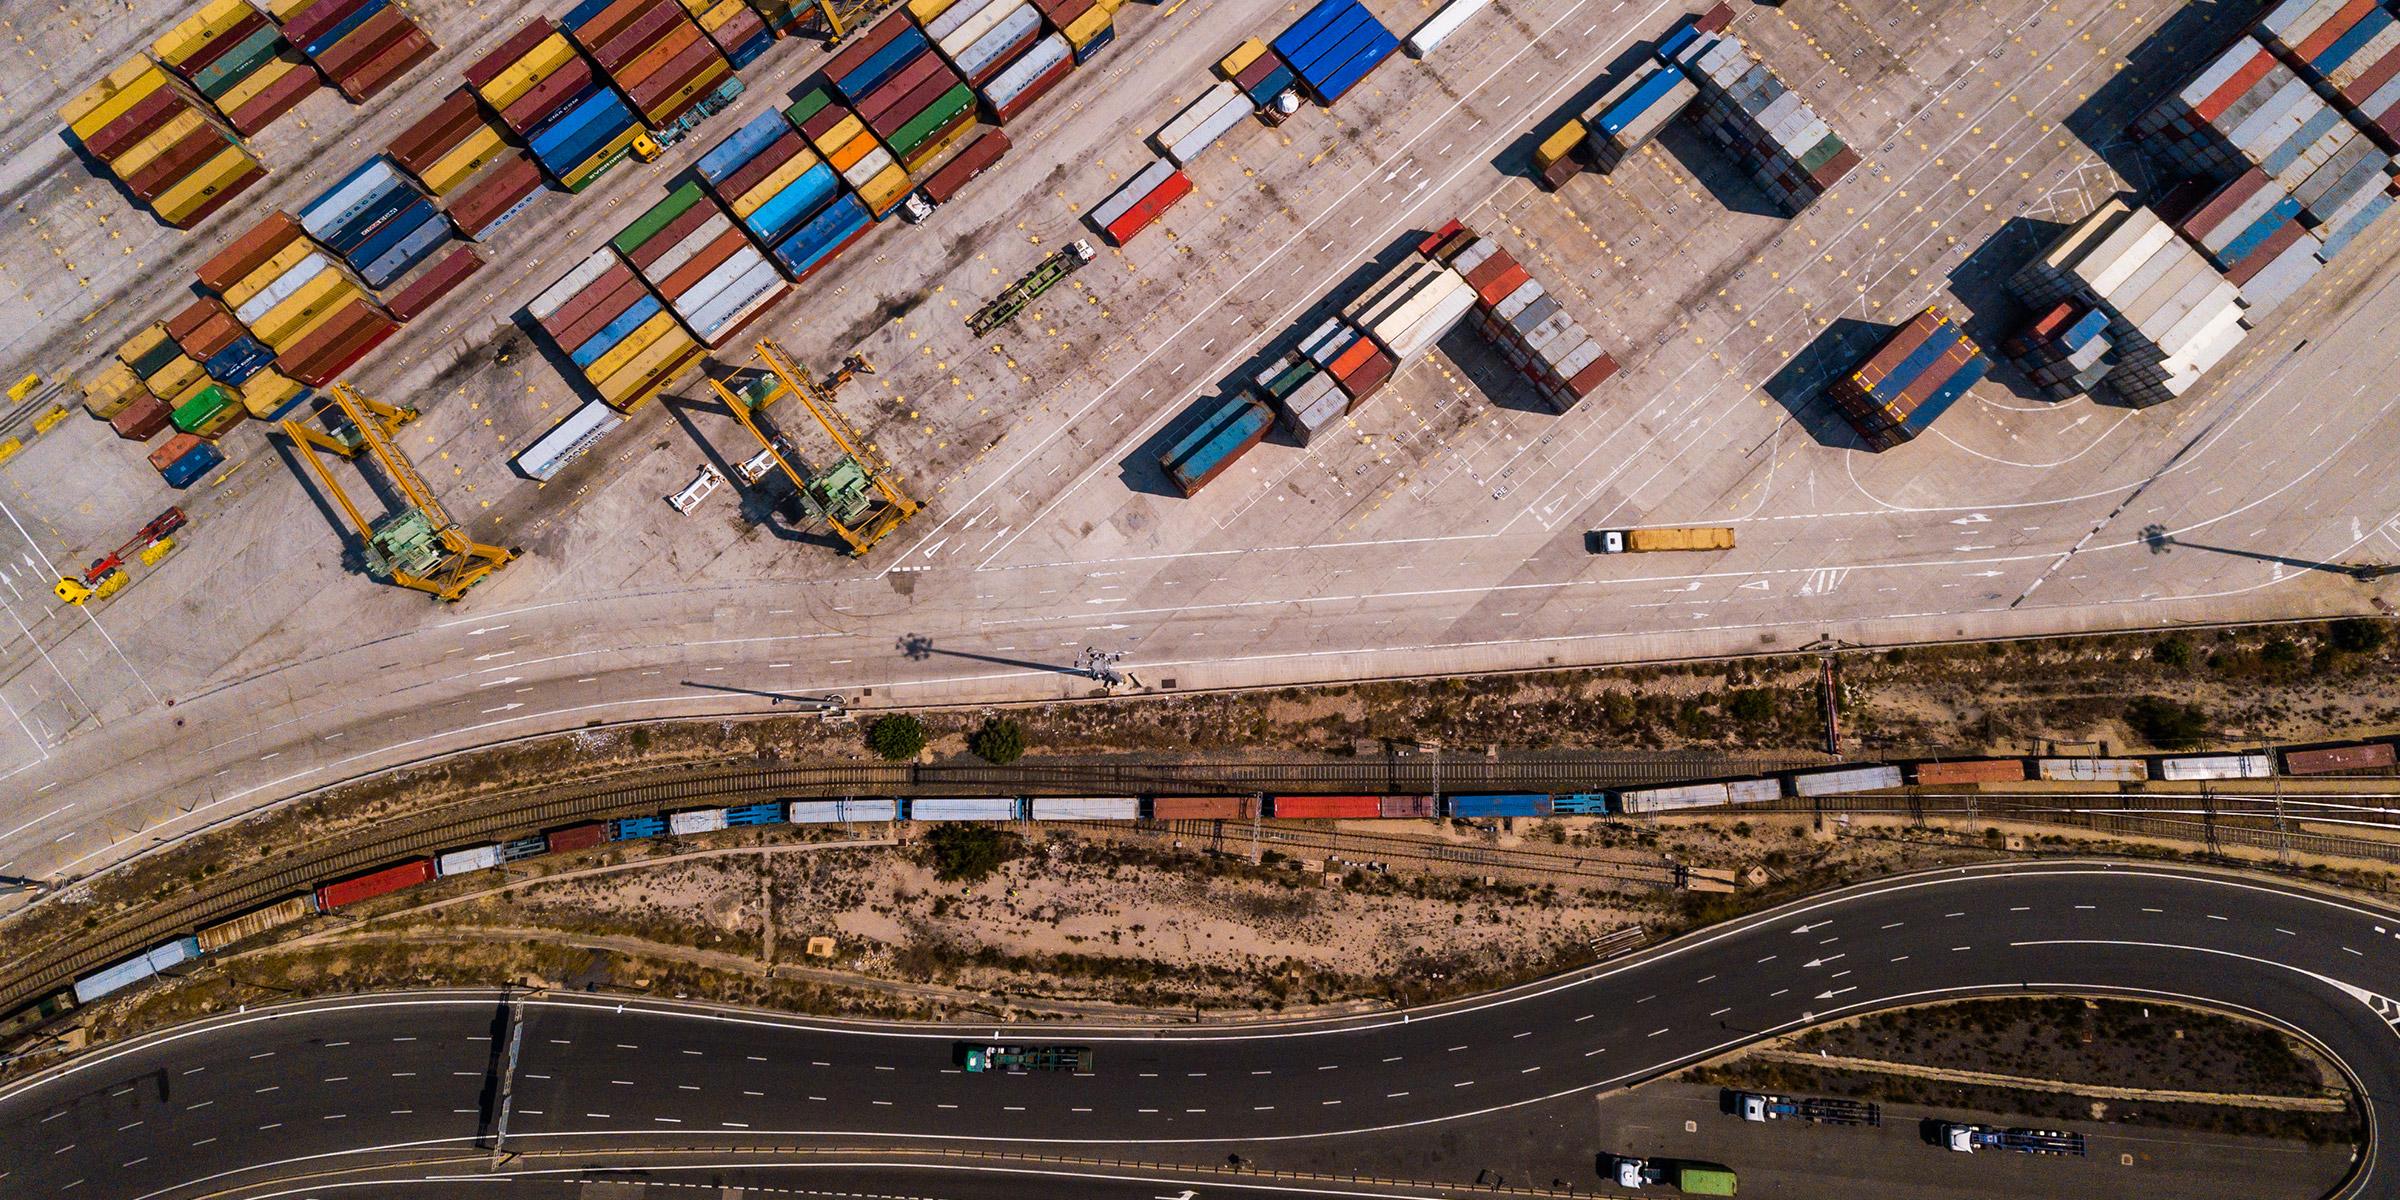 Área de carga industrial con buque portacontenedores, vista aérea del muelle de transporte. Valencia, España.